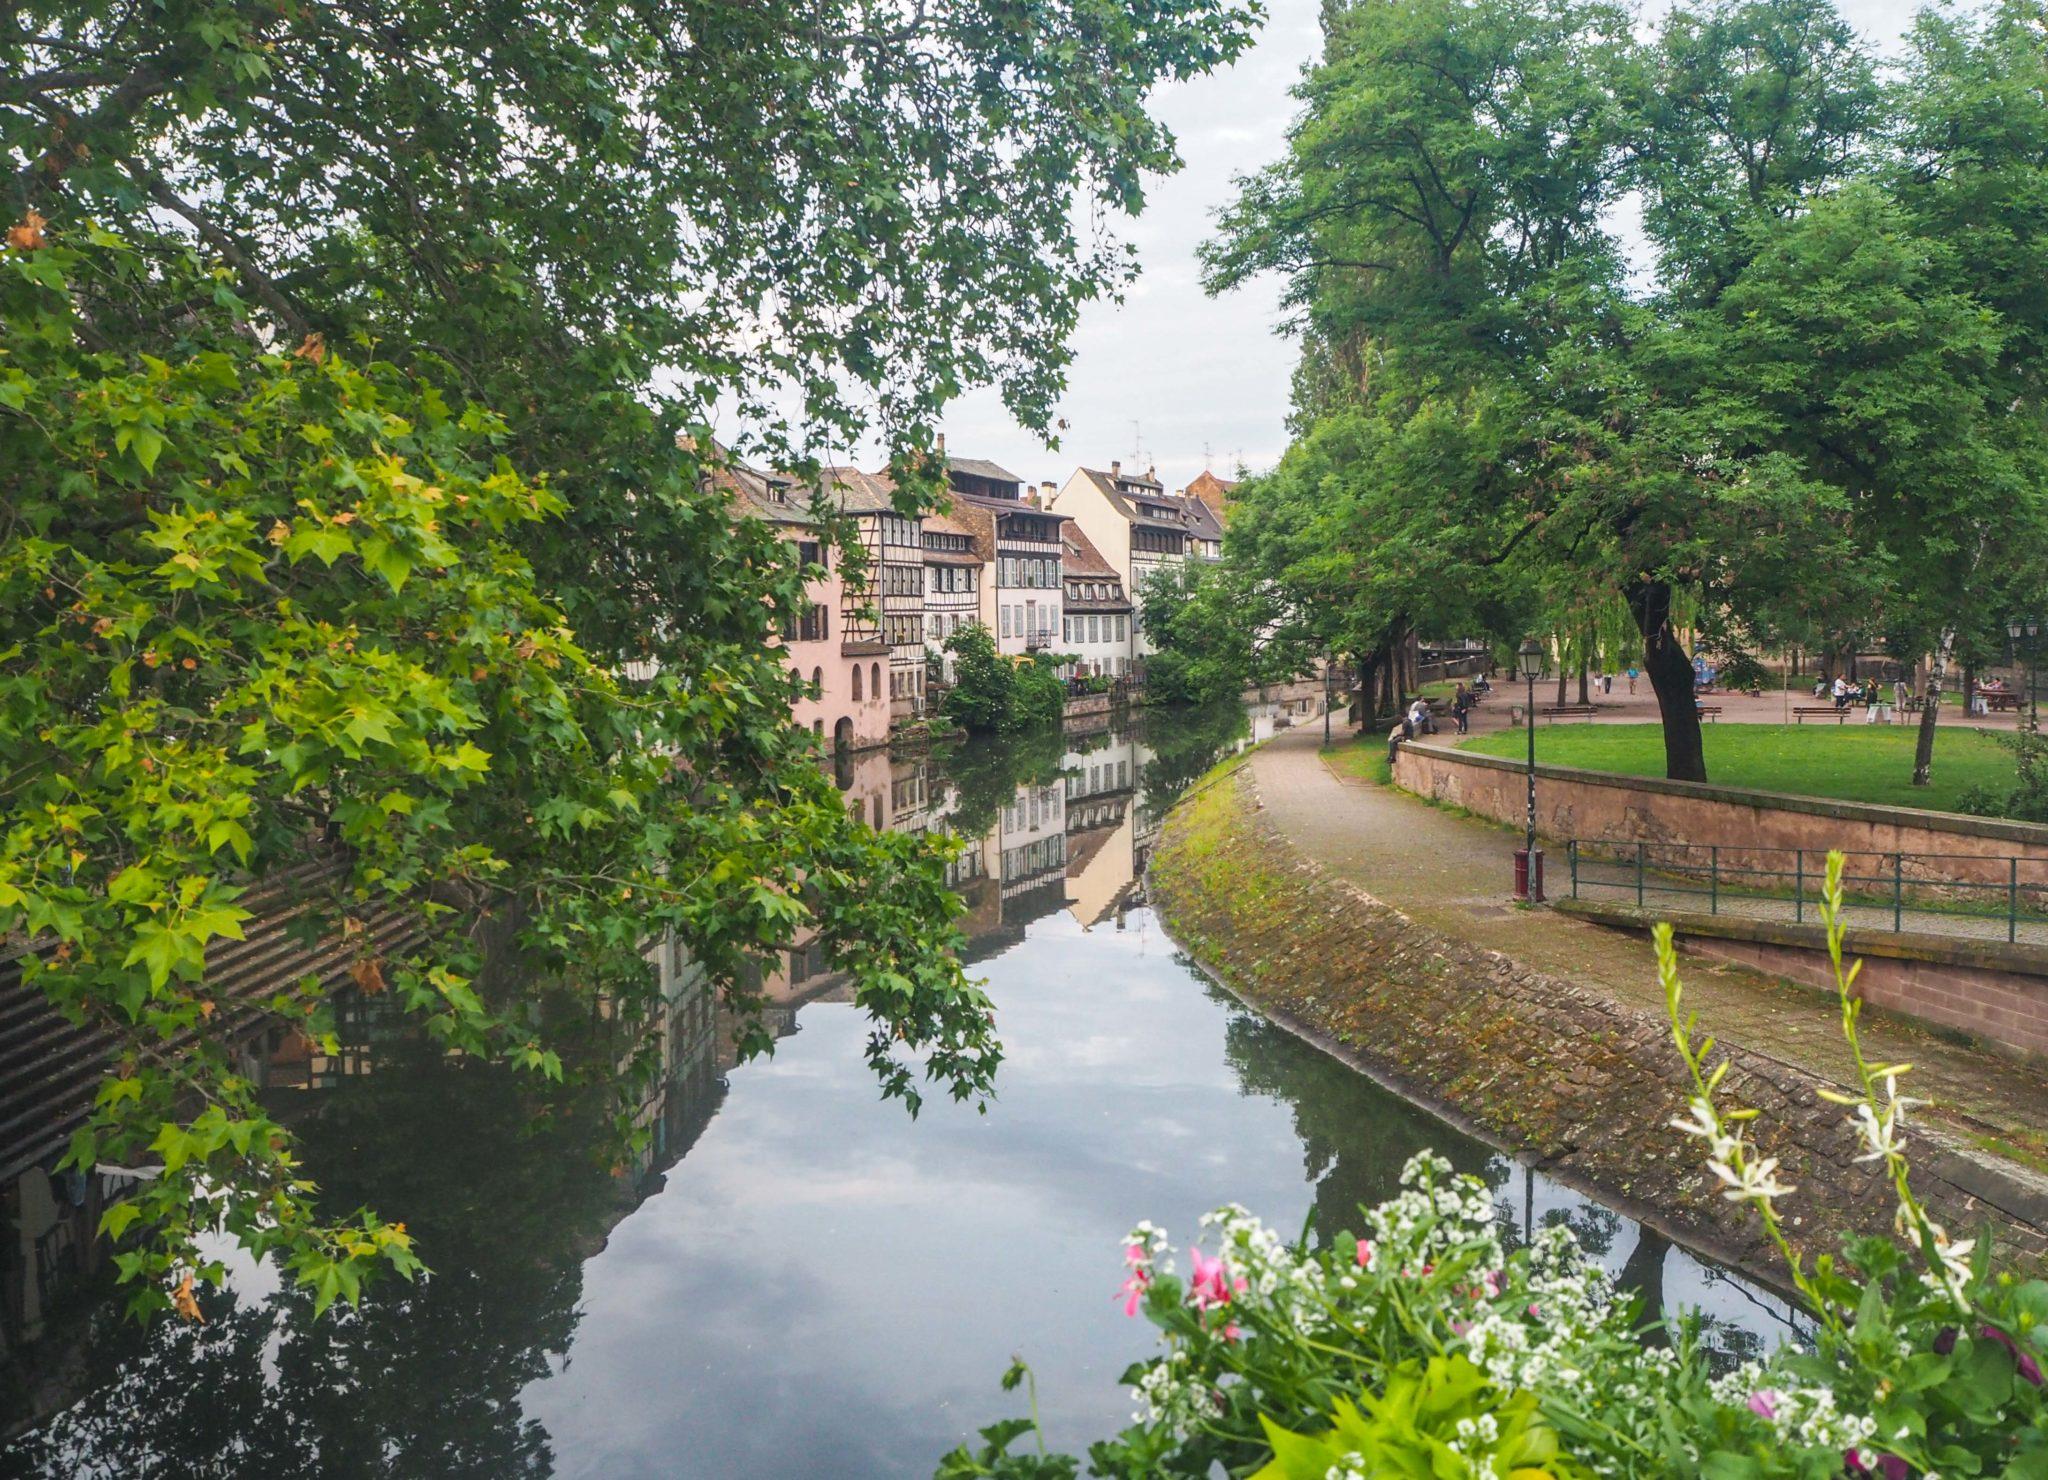 Au coeur de la Petite France à Strasbourg - Visiter Strasbourg au fil de l'eau: 2 jours dans la capitale alsacienne entre amies - Par Voyages et Vagabondages, le blog du voyage en solo au féminin - Récit, photos, conseils, idées de visite et bonnes adresses pour visiter Strasbourg